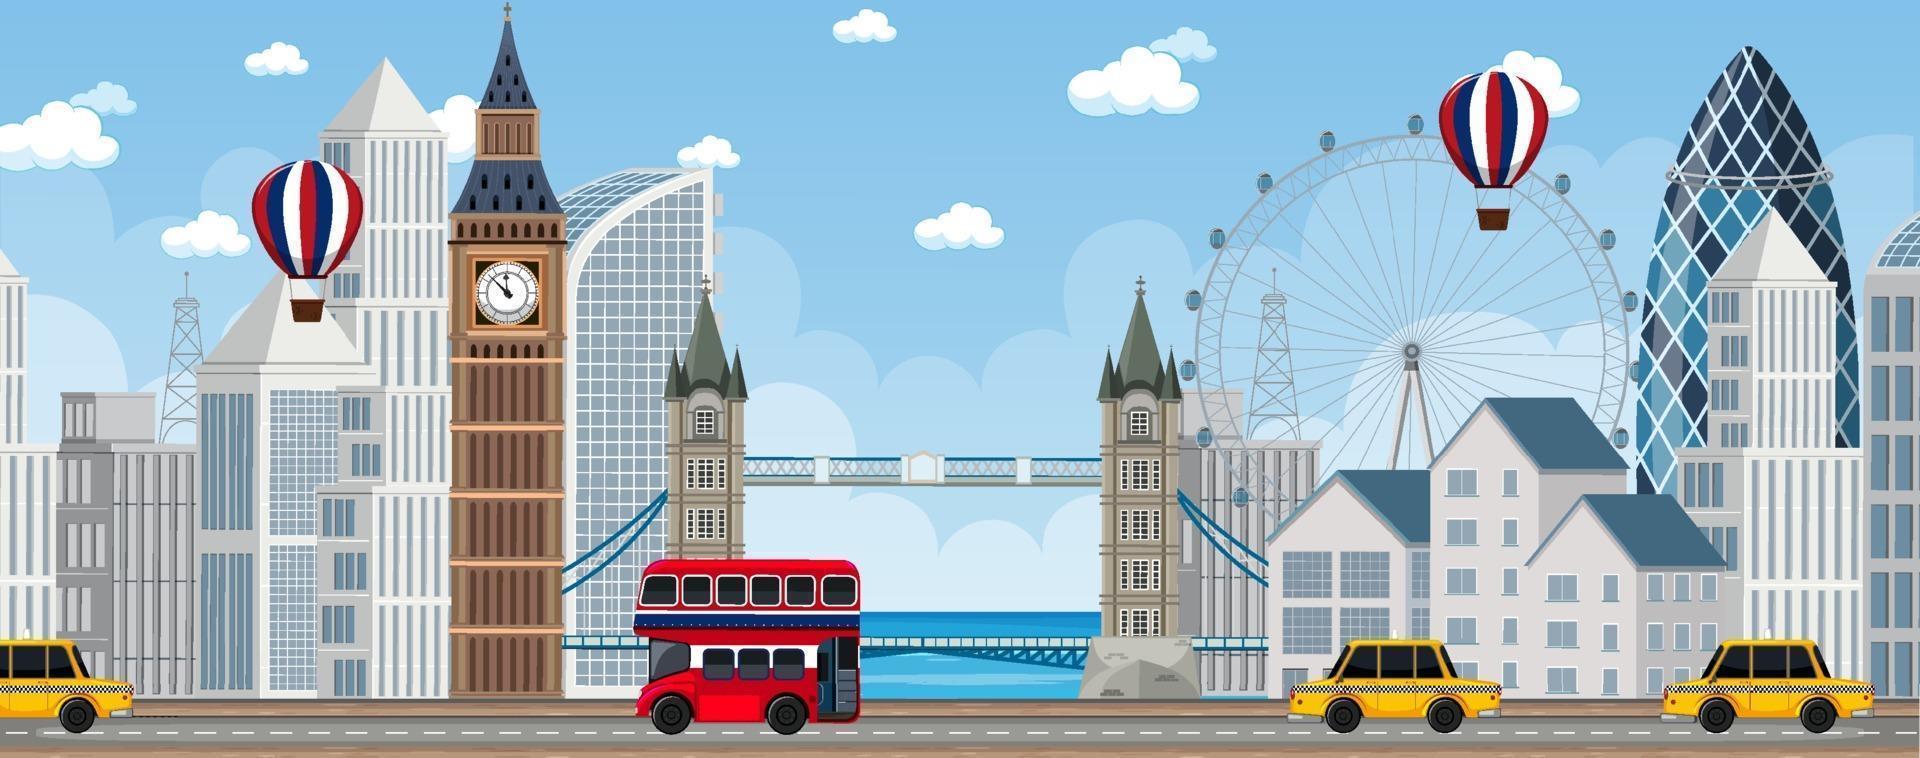 London stadsscen med många landmärken vektor